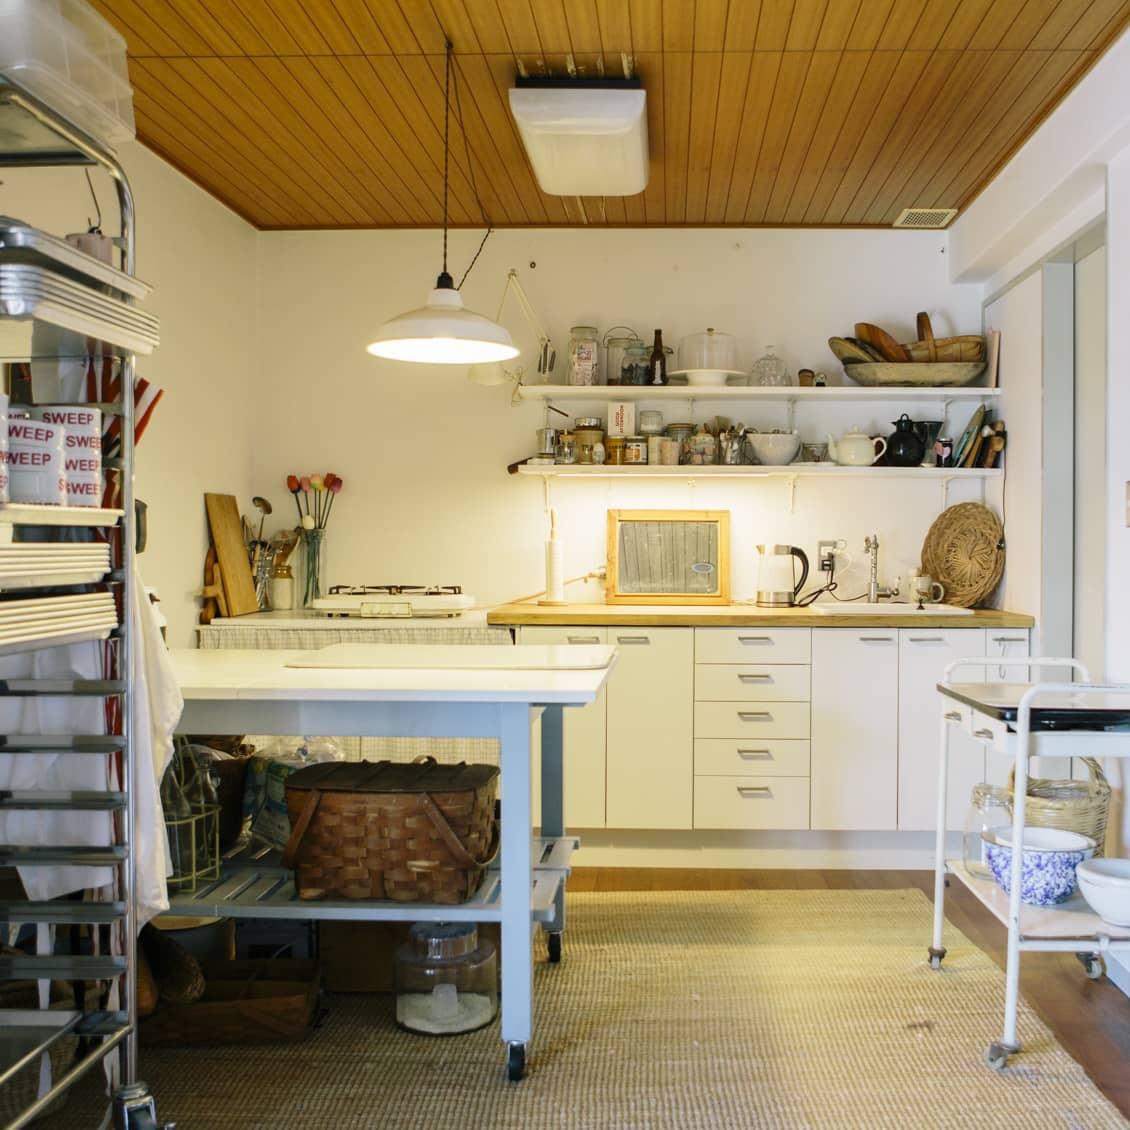 【訪ねたい部屋】第2話:イケアで理想のキッチンをカスタマイズ。